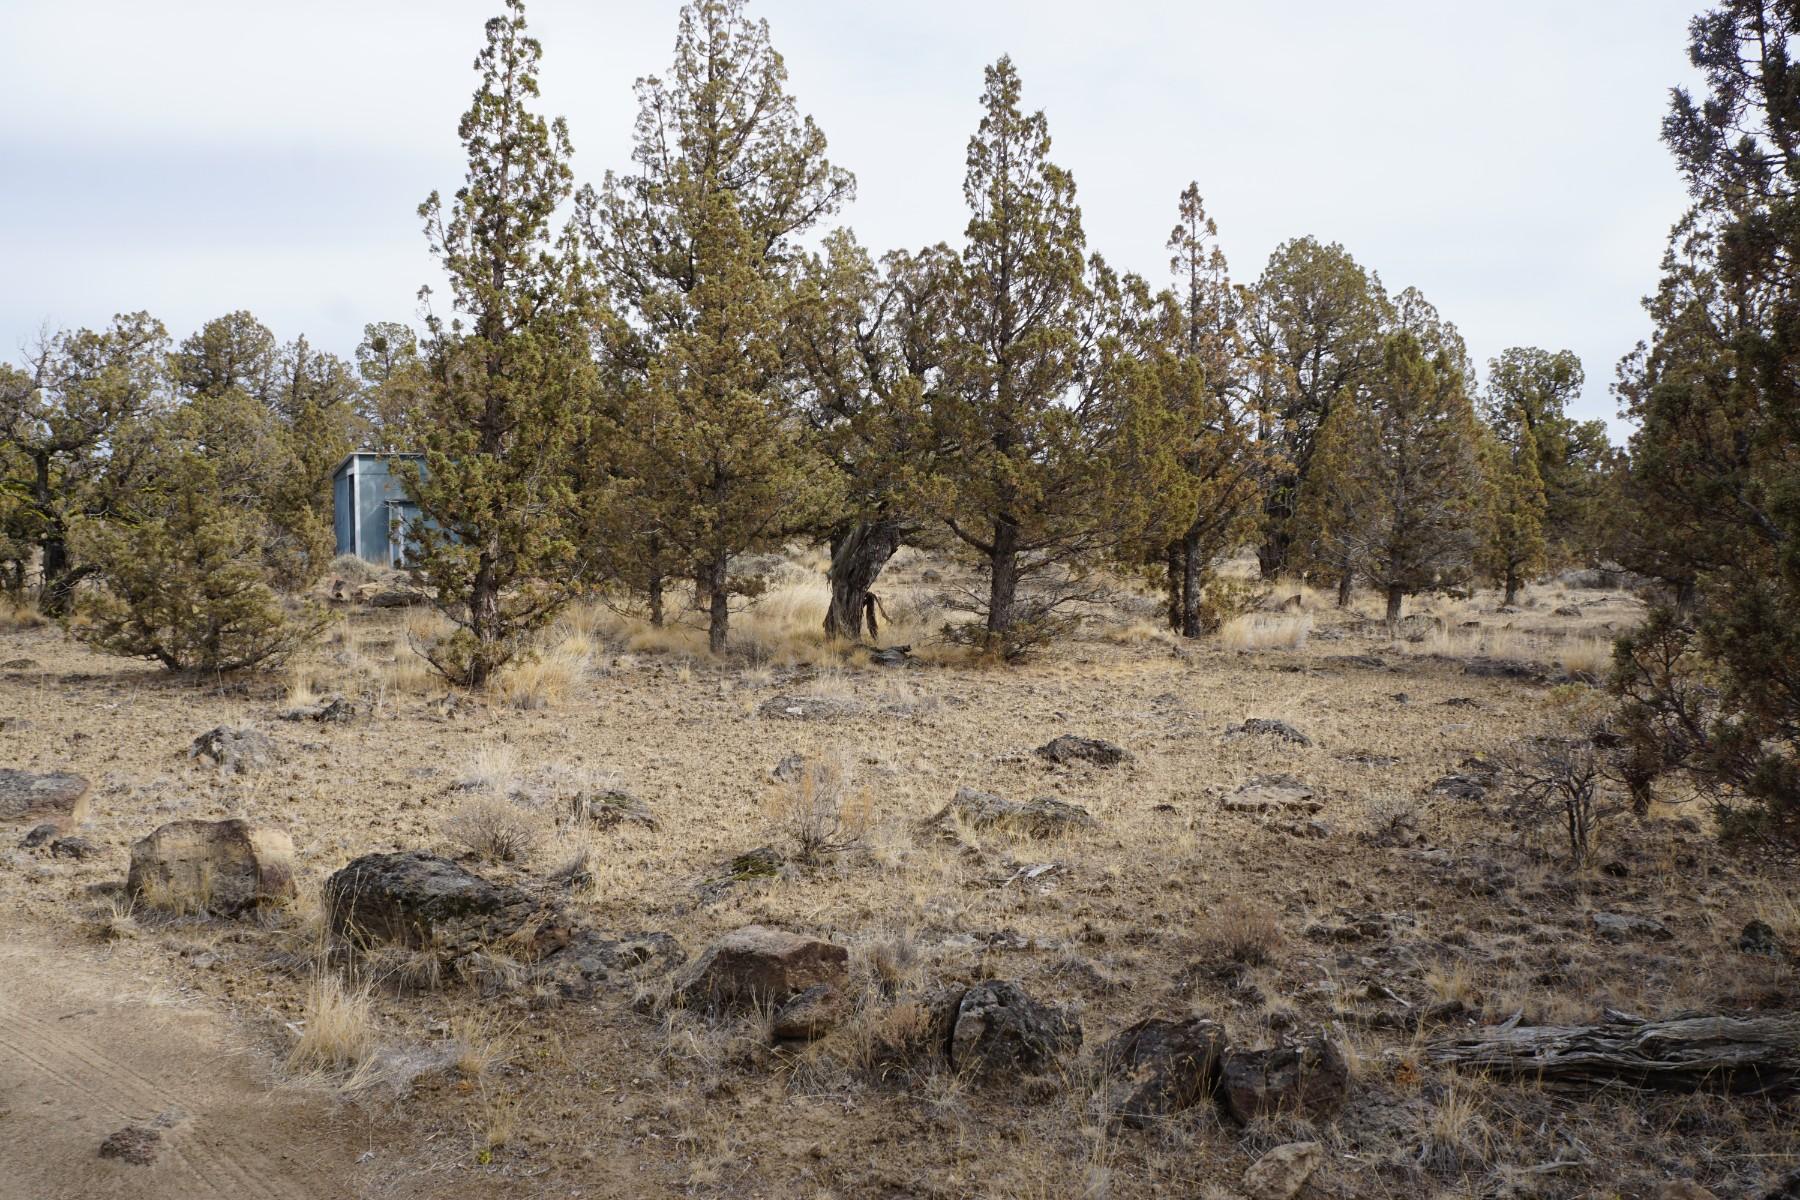 Land for Sale at 0-tl 1100 Se Omaha Road 0-TL 1100 SE Omaha Road Prineville, Oregon 97754 United States